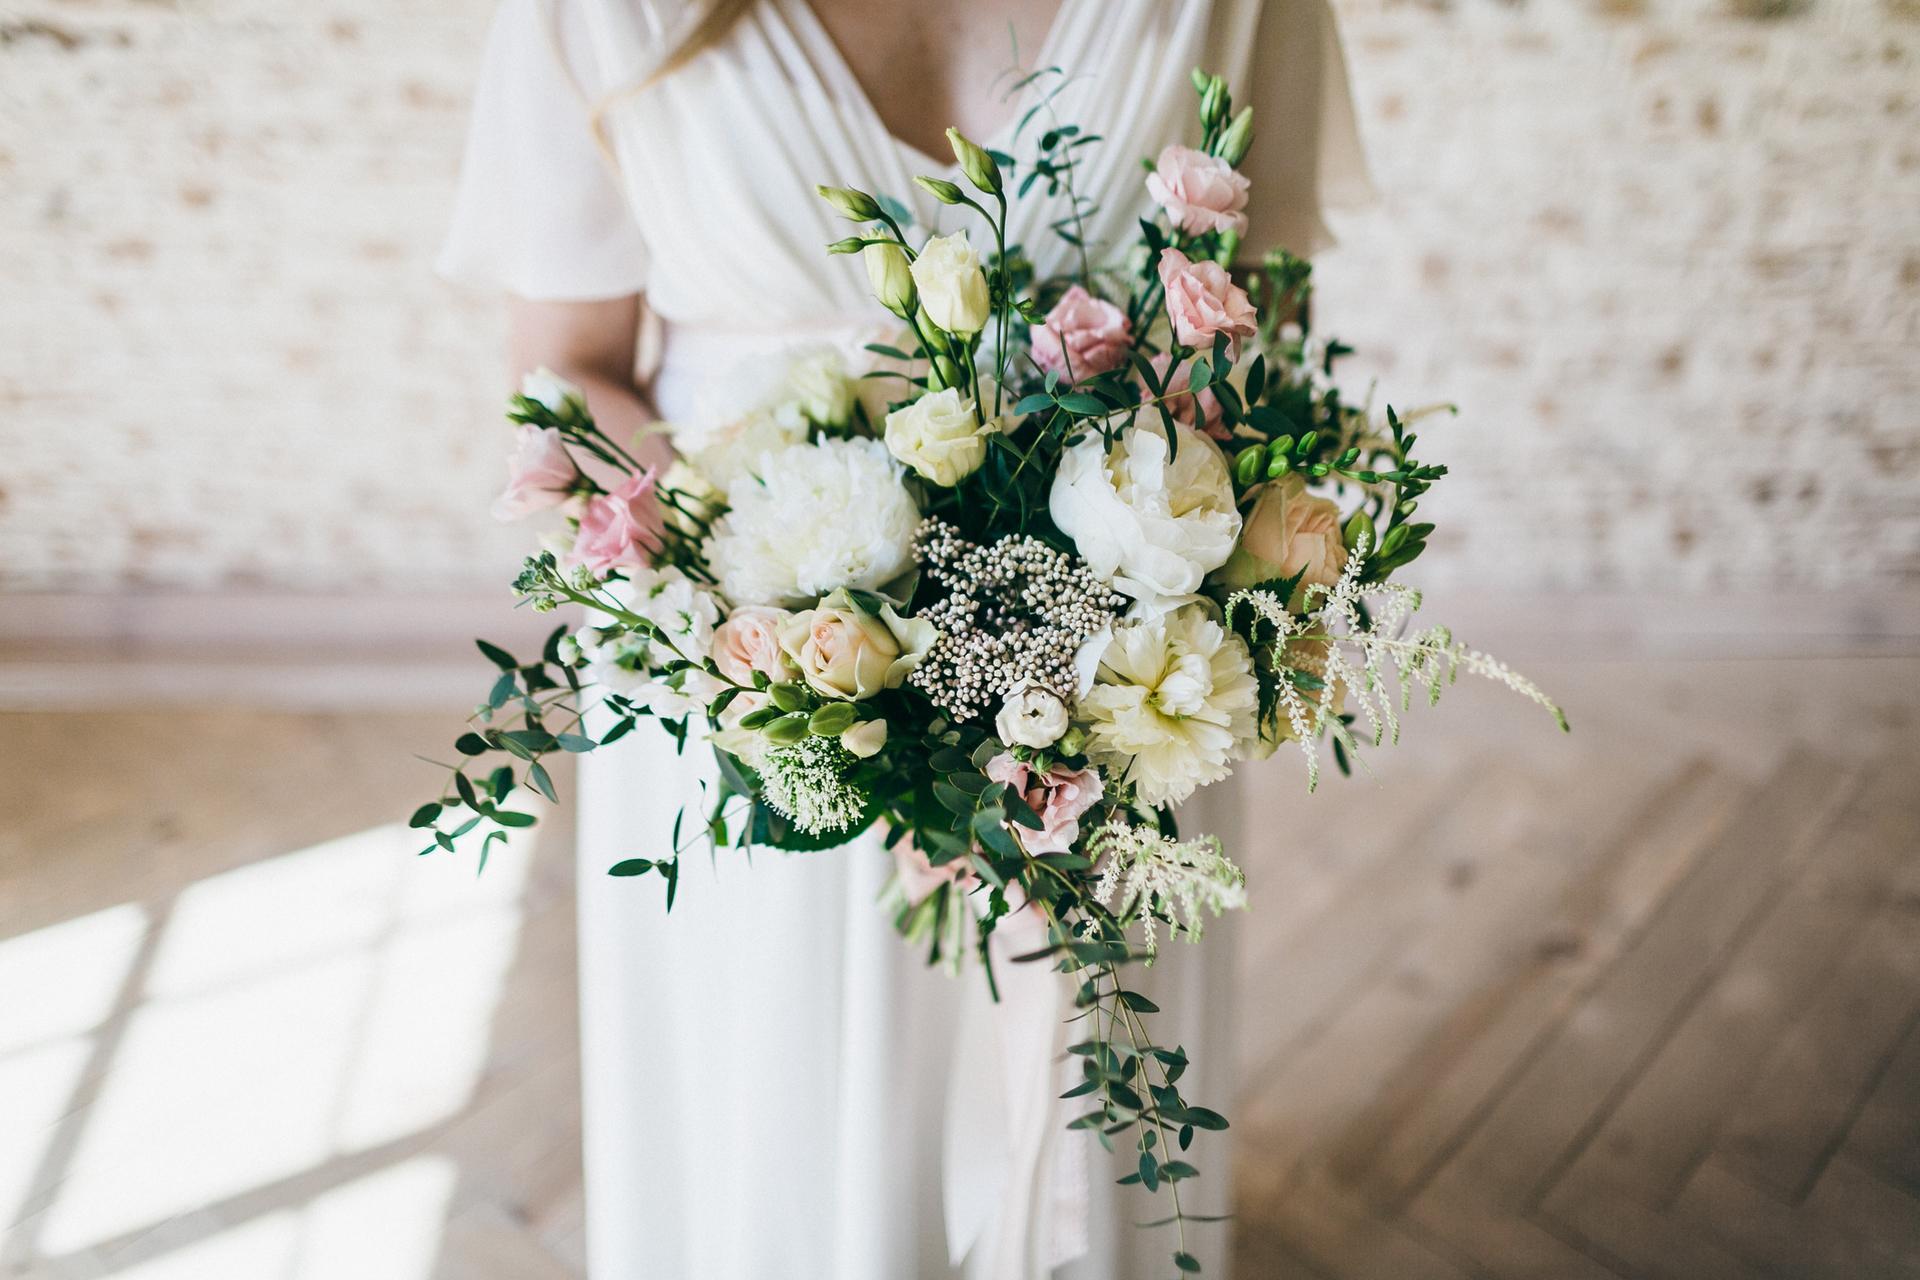 Bouquet Sposa Quando Si Lancia.Il Lancio Del Bouquet Della Sposa E Le Sue Antiche Origini Mamamare